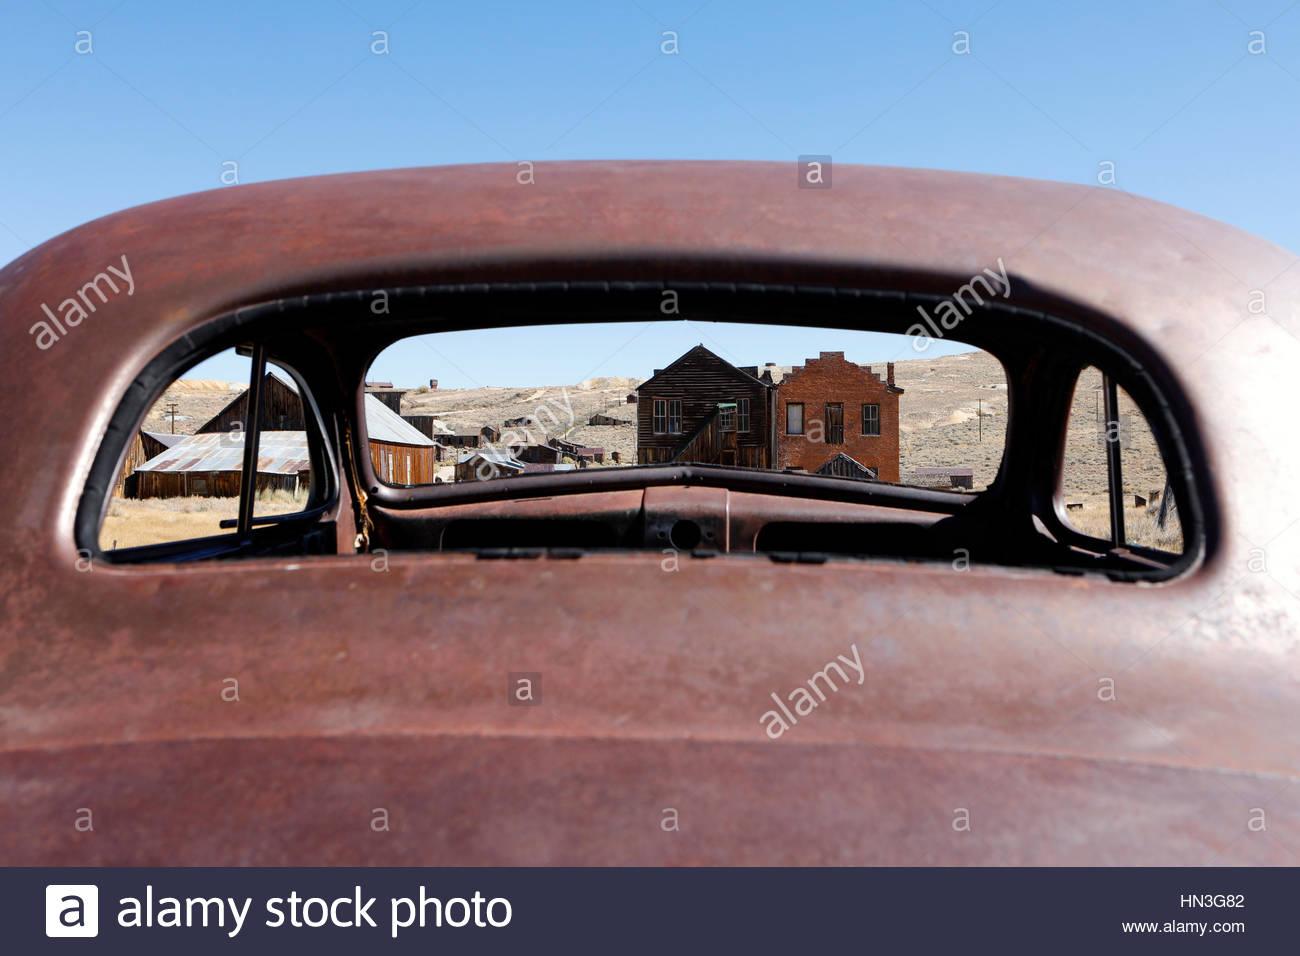 Edificios abandonados a través de la ventana de un coche viejo en la ciudad fantasma de Bodie. Imagen De Stock